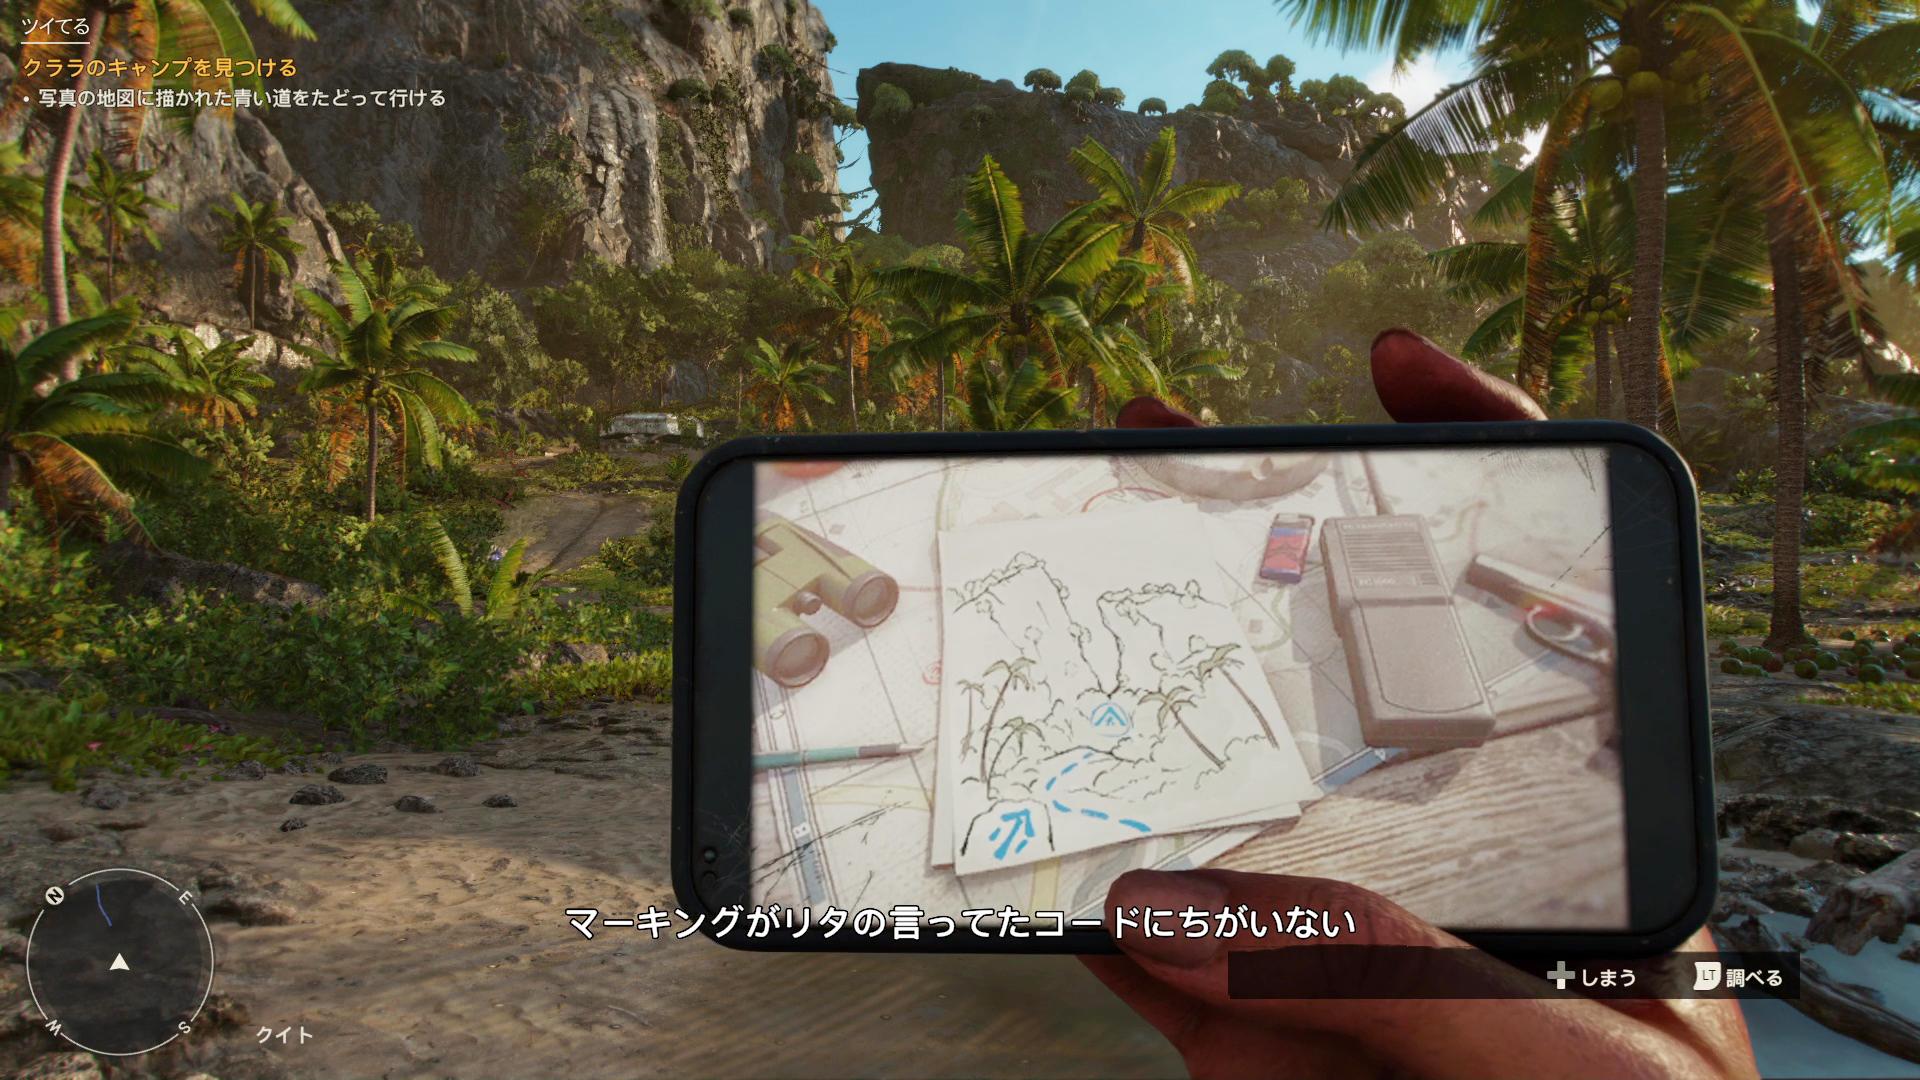 スマートフォンがある現代だが、島は封鎖により歴史に取り残されてしまっている